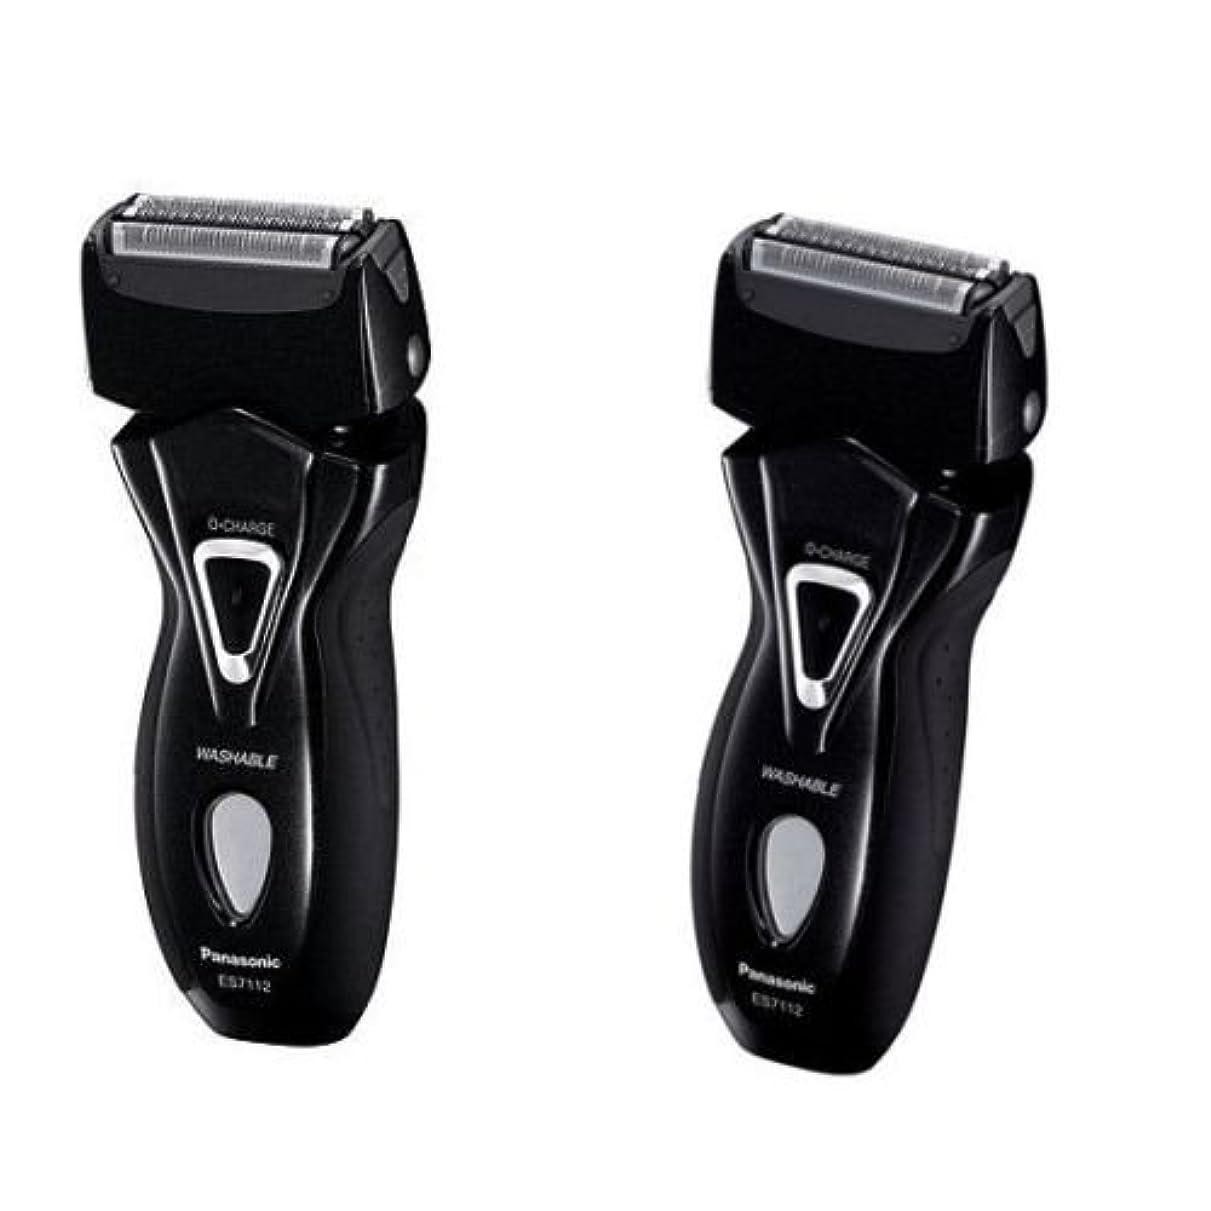 博覧会アクセル印をつけるPanasonic ES-7112 メンズシェーバーRAMのダッシュ3剃る100-240V ES7112 /純正 [並行輸入品]